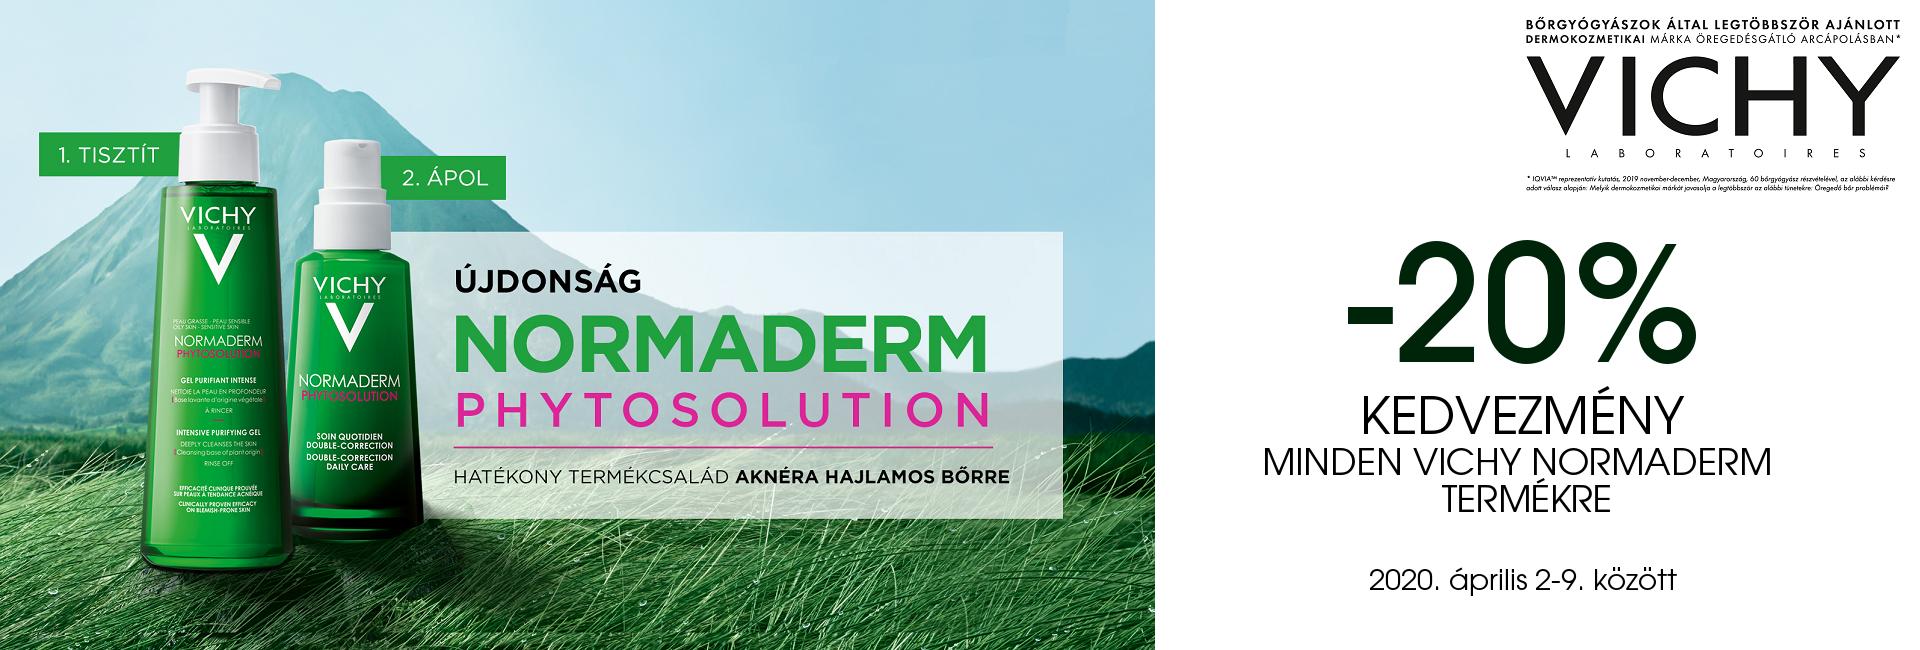 2020. április 2-9. között minden Vichy Normaderm terméket 20% kedvezménnyel kínálunk!